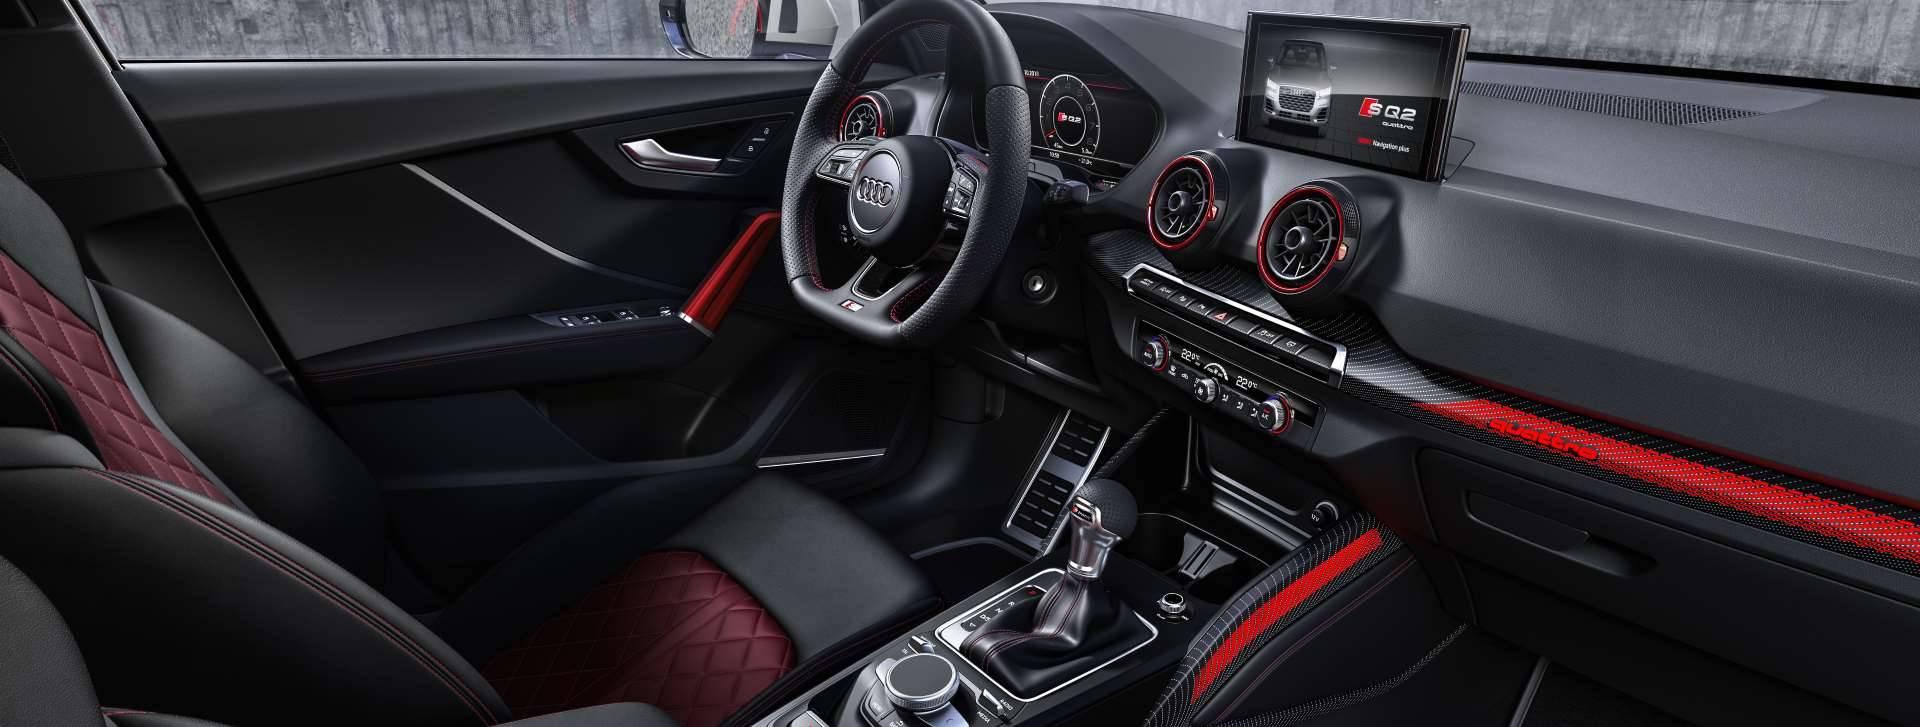 Nouvelle Audi SQ2 2019 3/4 avant blanc